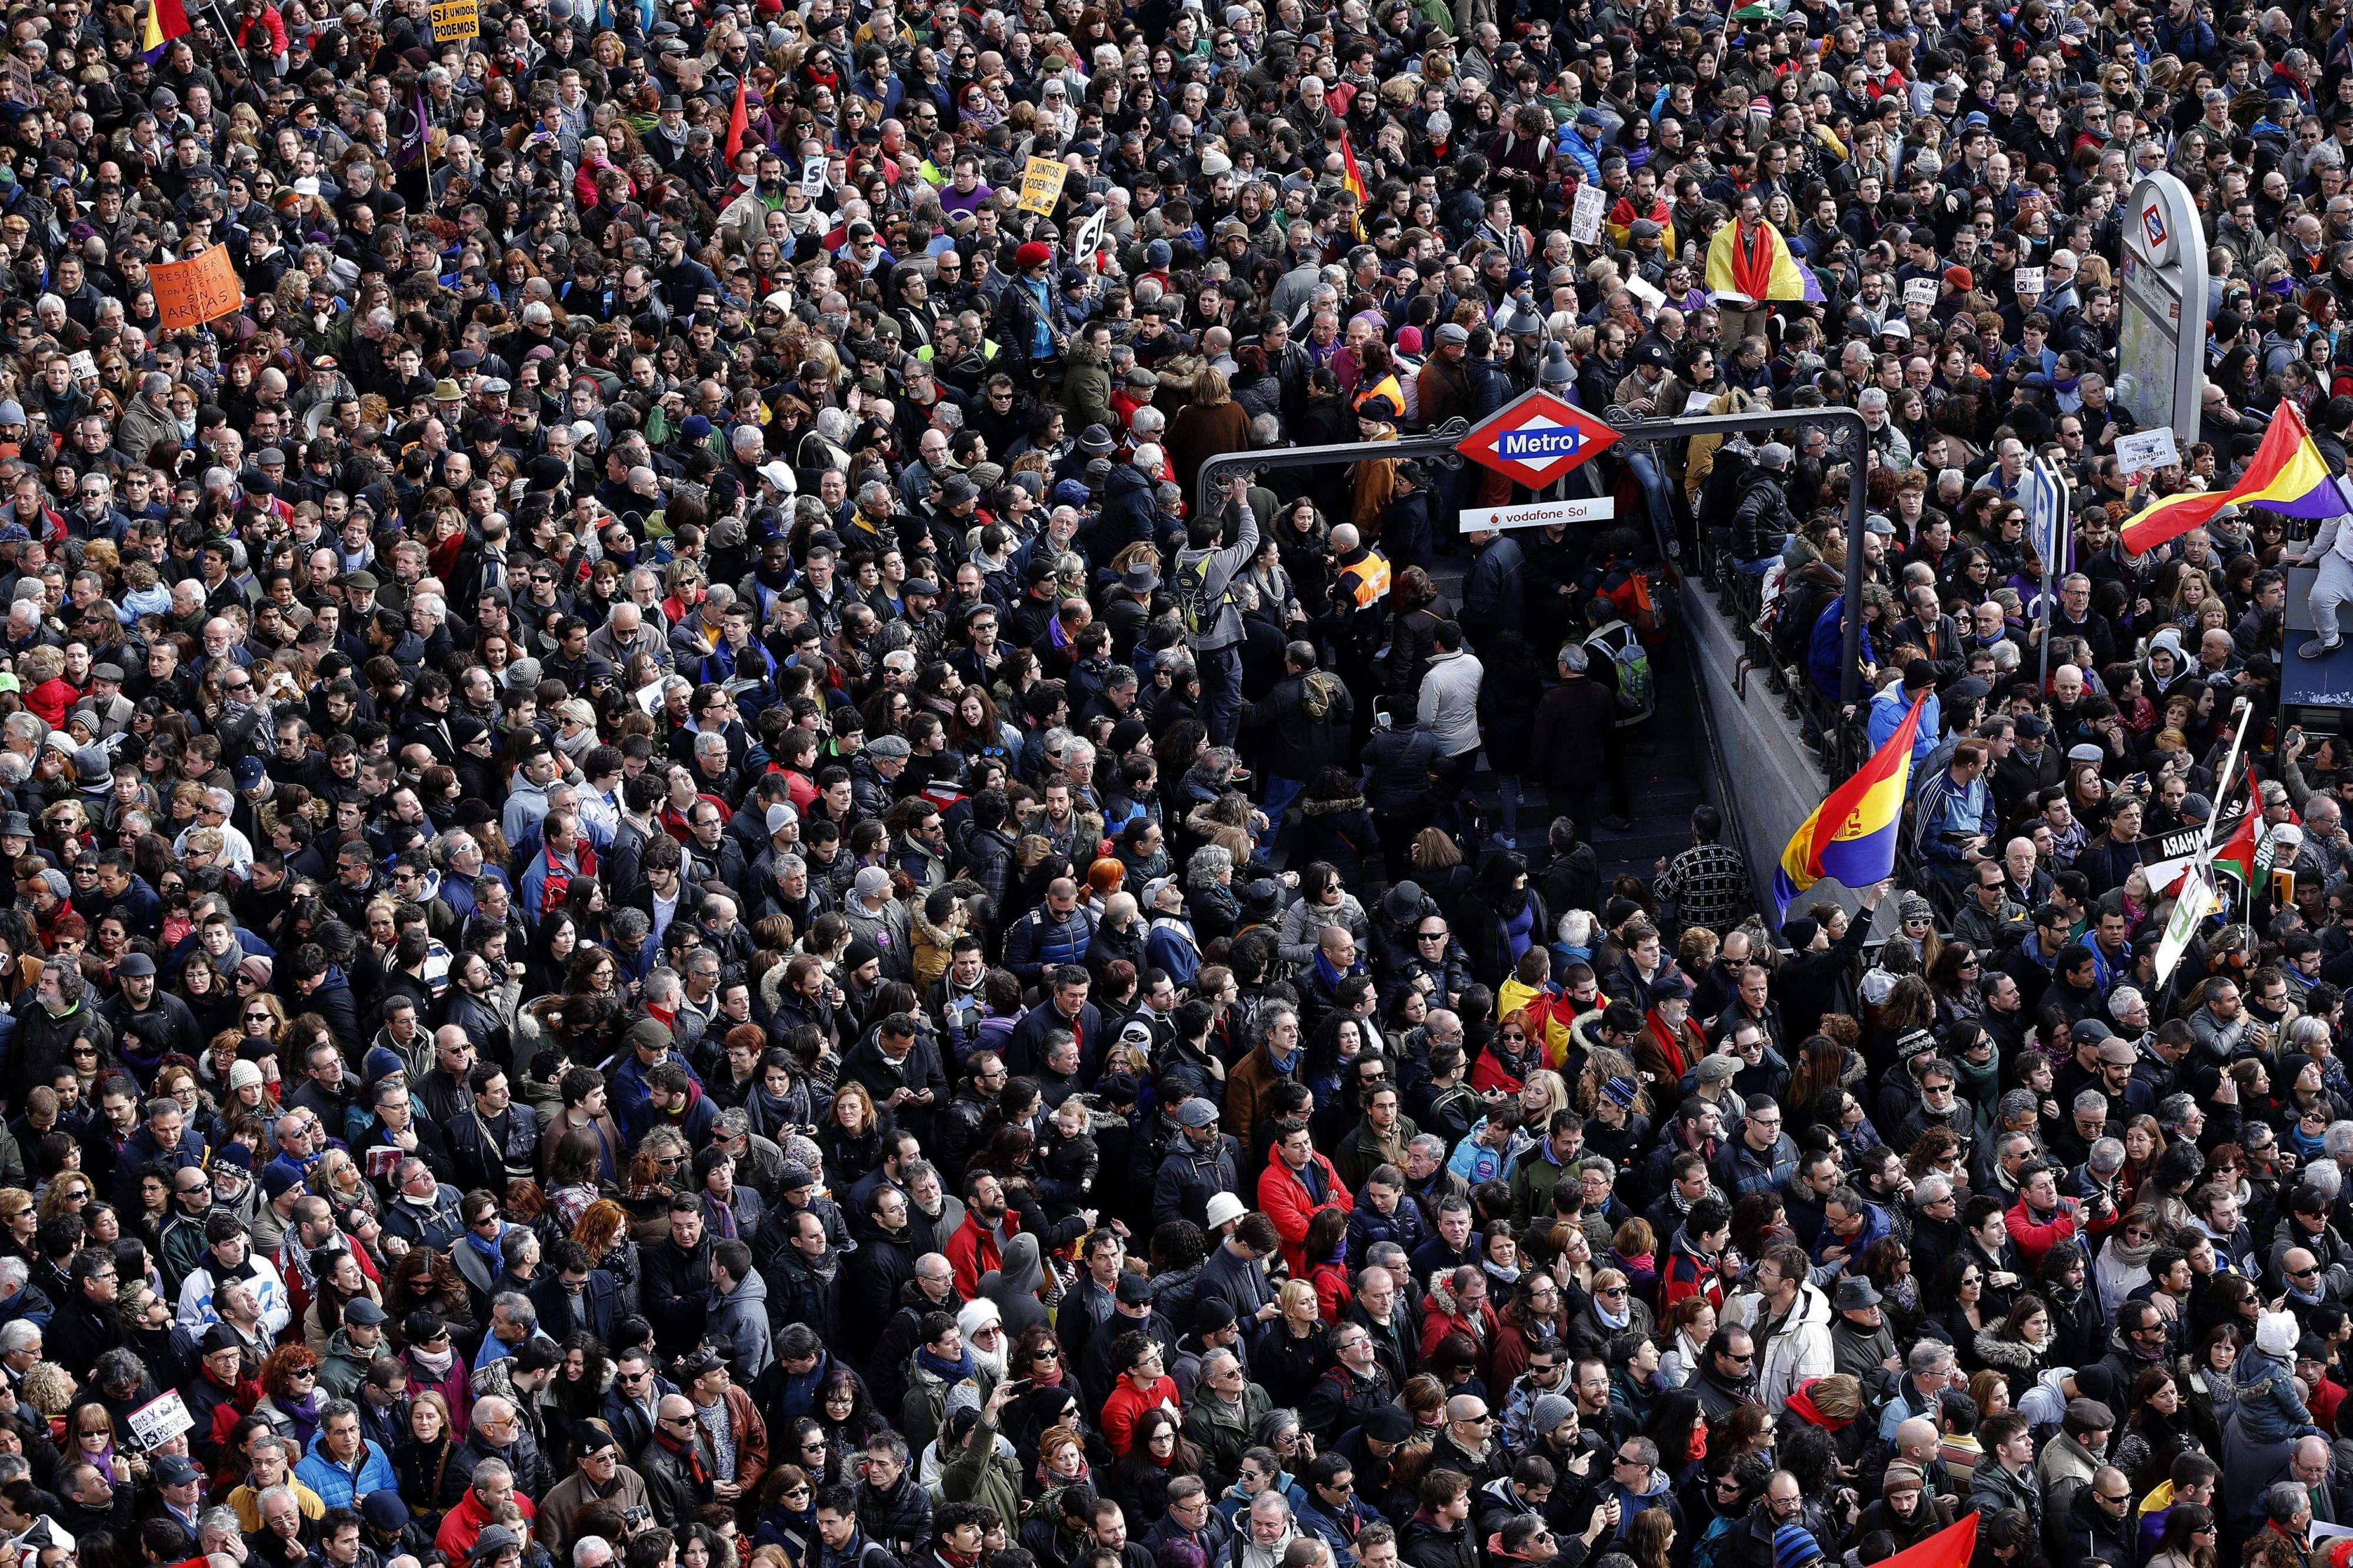 """La """"marcha del cambio"""" convocada por Podemos recorre Madrid. Foto: EFE en español"""